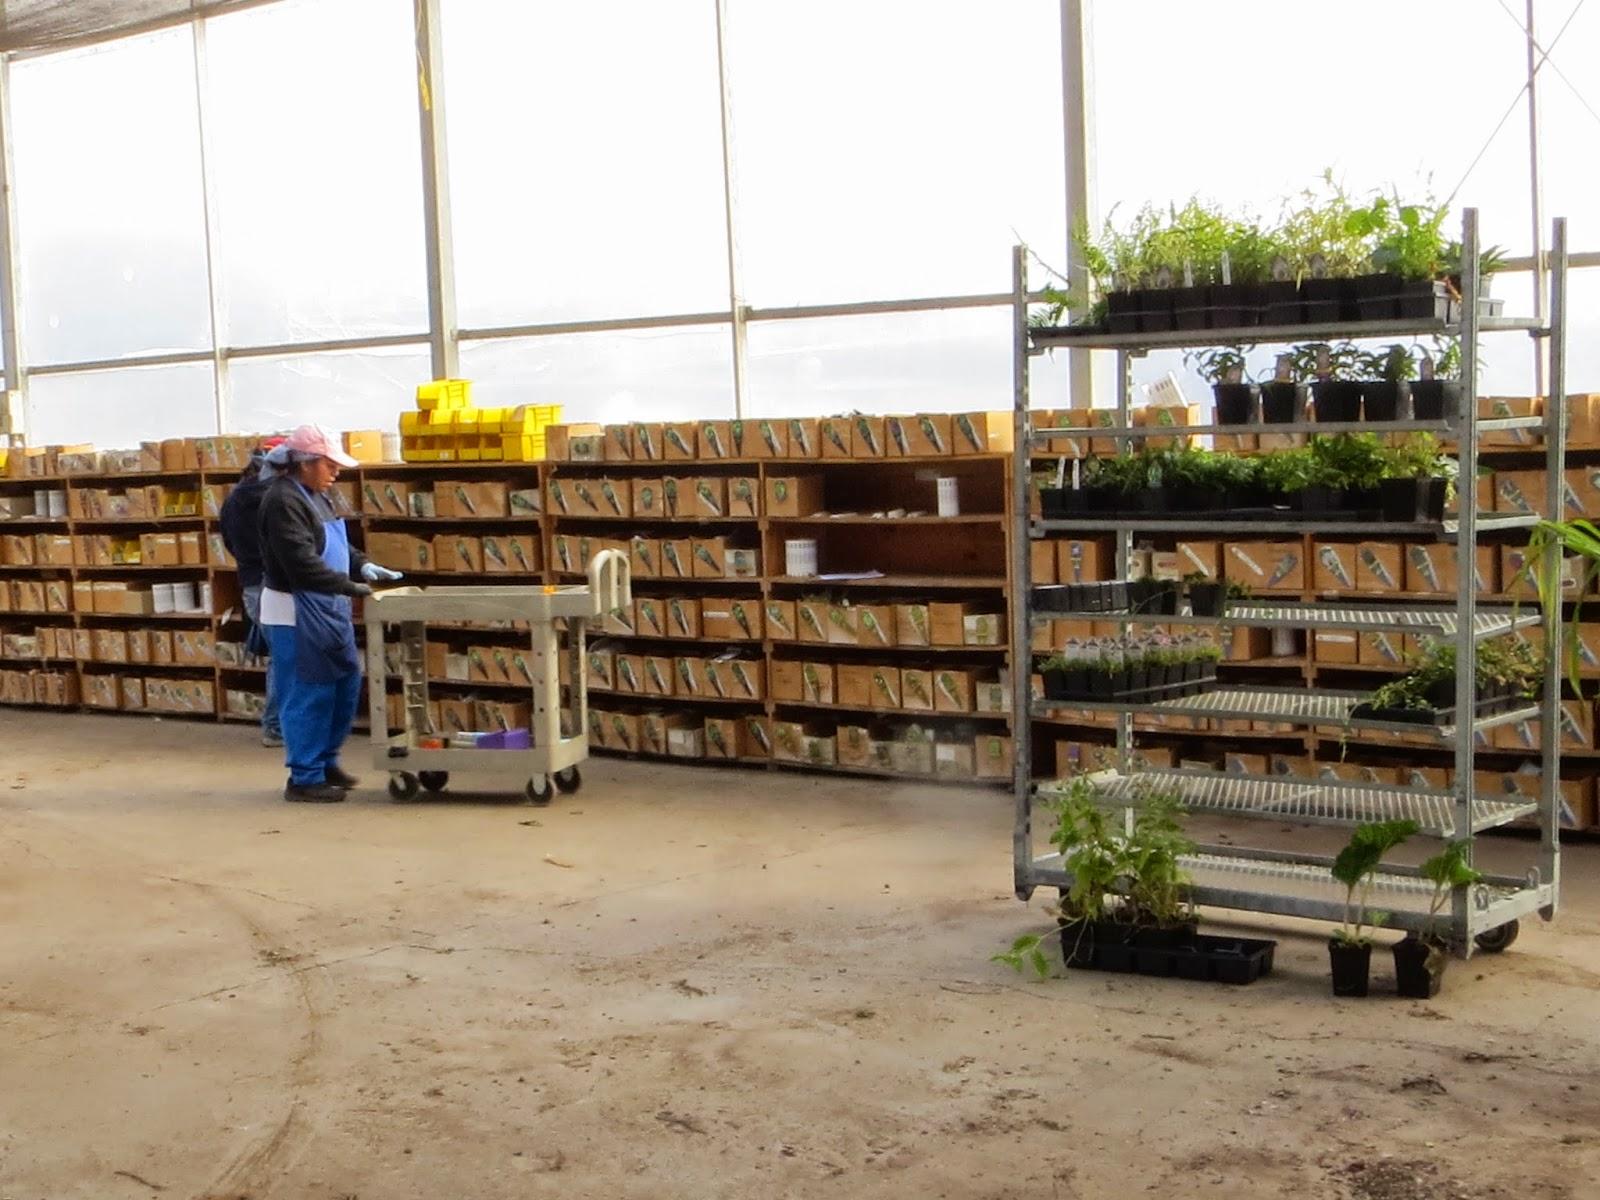 A Local Wholesale Nursery: Little Prince of Oregon